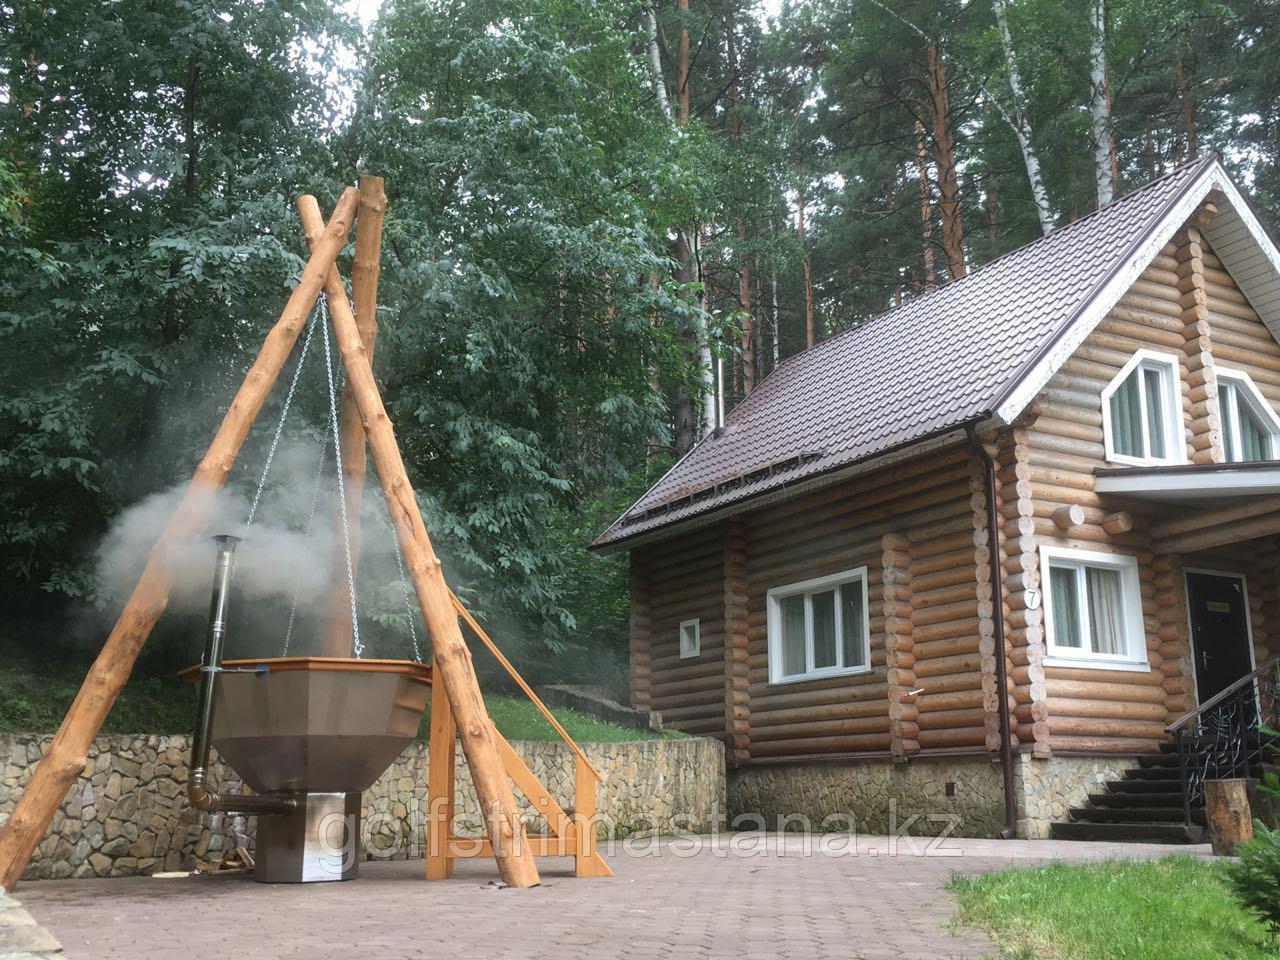 Сибирский Банный Чан, (в*д: 110*185/0,2 см., AISI-430), На бревнах, + печь, Окрашенный